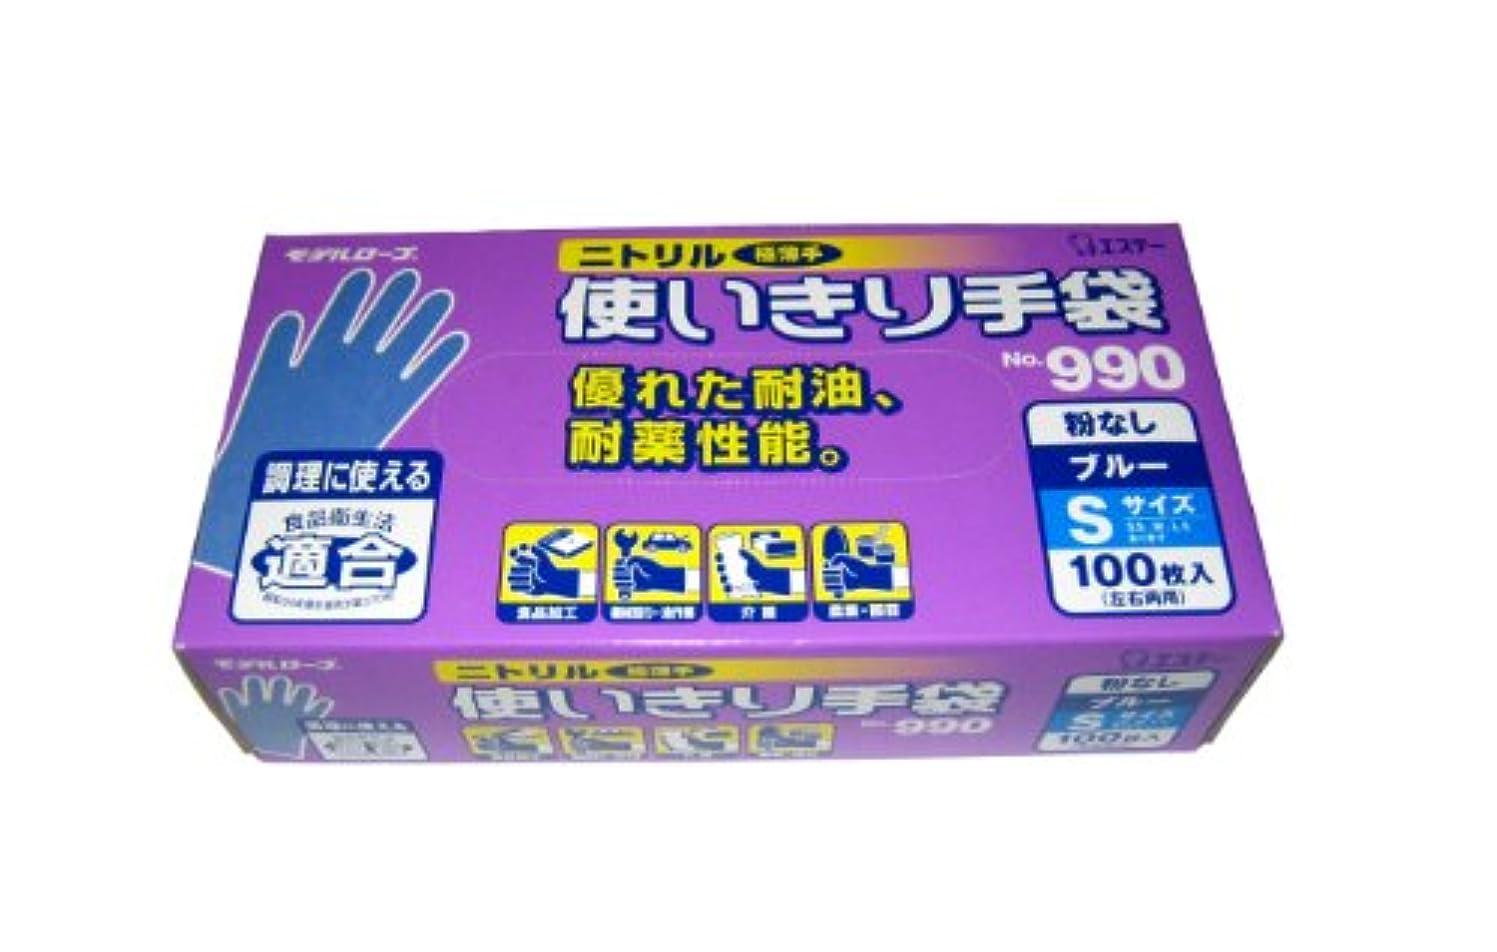 モンクガチョウ意志エステー ニトリル手袋 粉なし(100枚入)S ブルー No.990